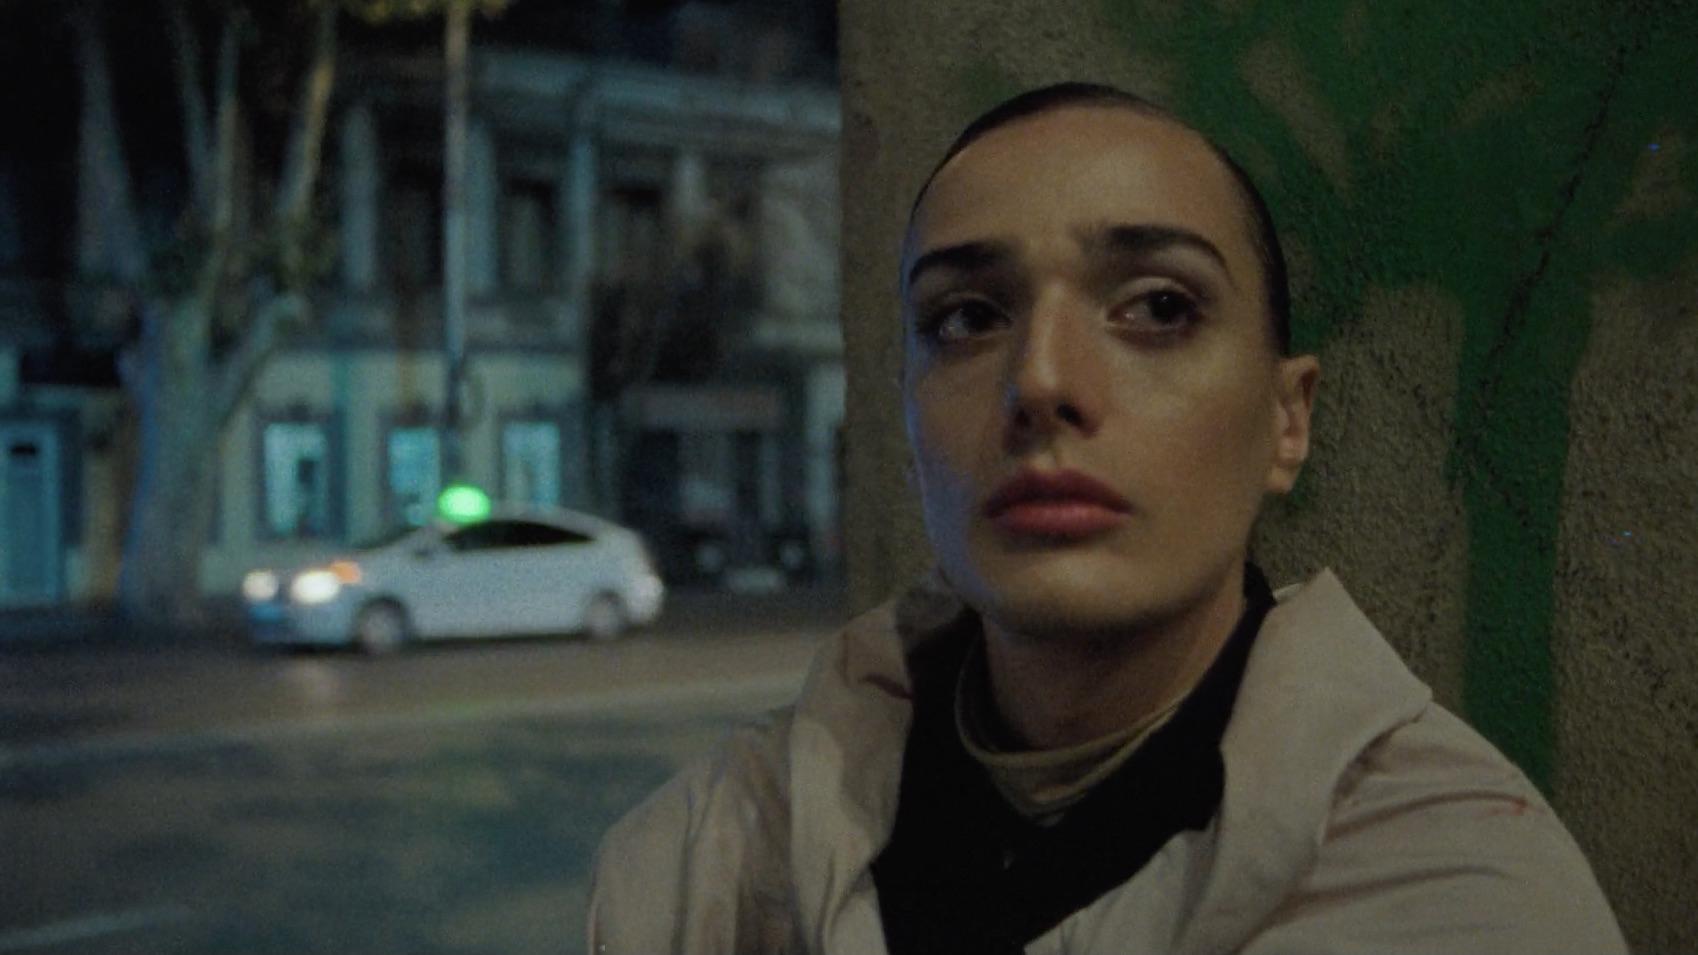 Фильм о грузинской дрег культуре стал победителем Fashion Film Festival Milano